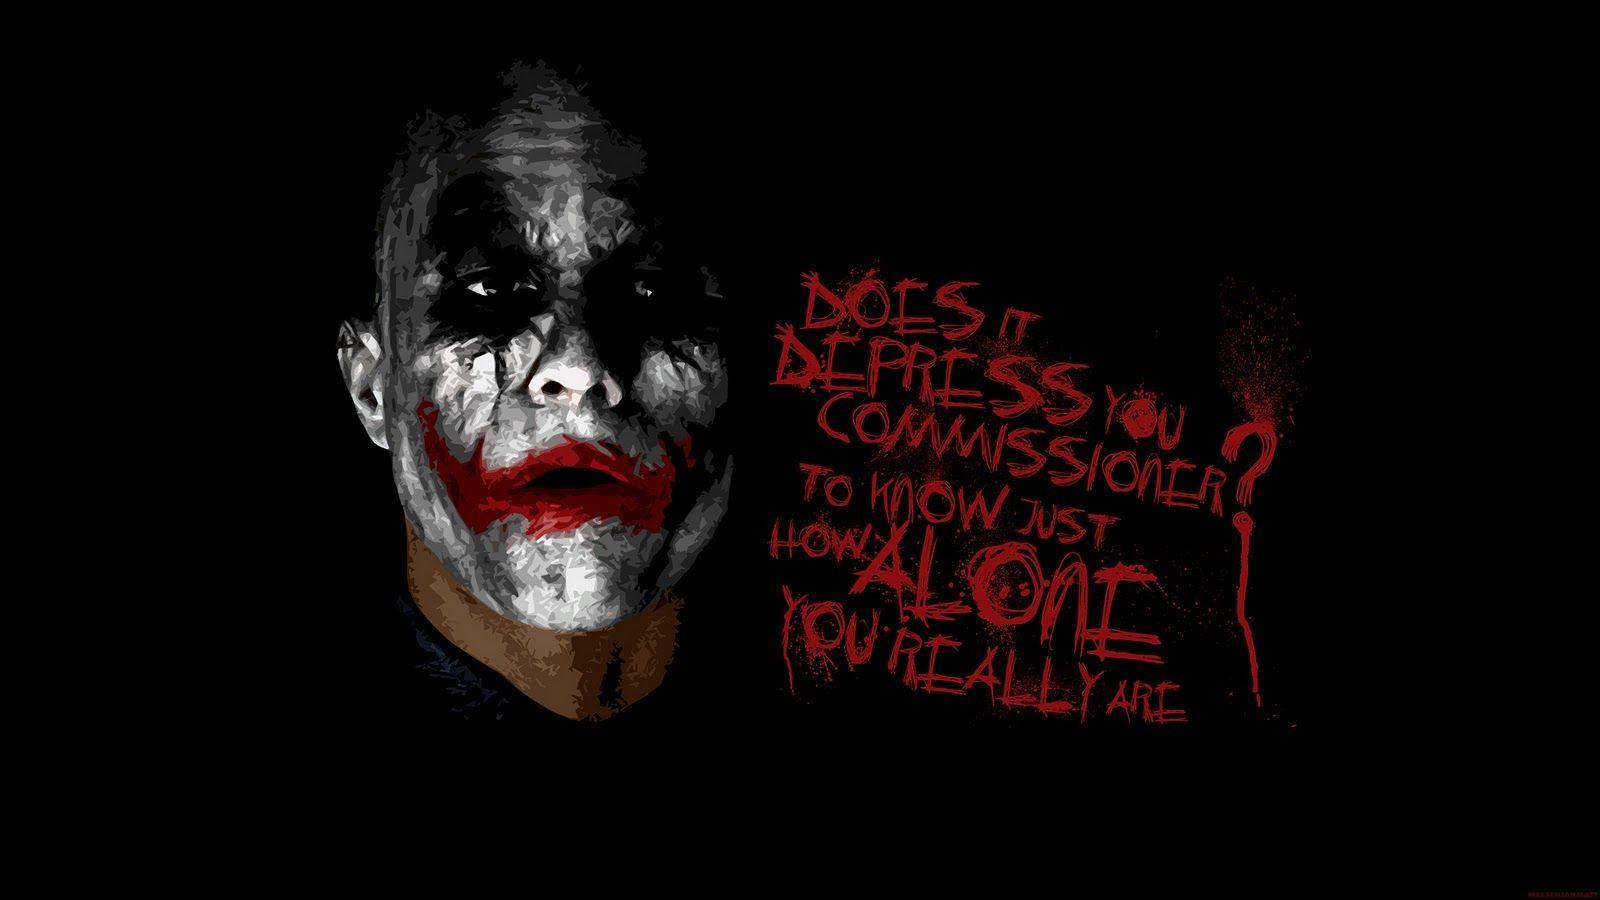 joker wallpaper free batman zitate joker und joker batman